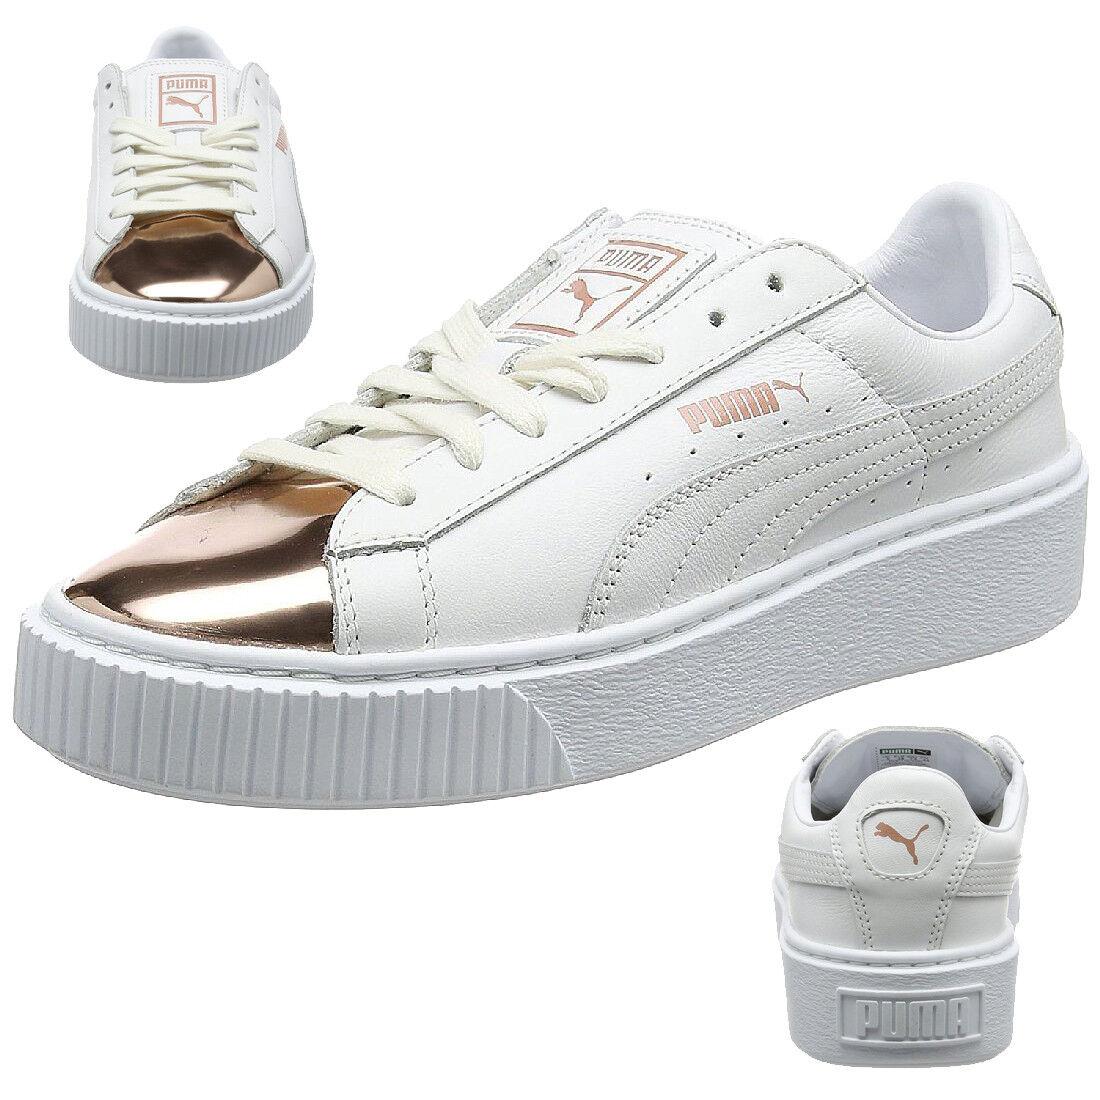 Zapatos promocionales para hombres y mujeres Puma Cesta Plataforma Metálico Zapatilla deportiva mujer Zapatos de niña 366169